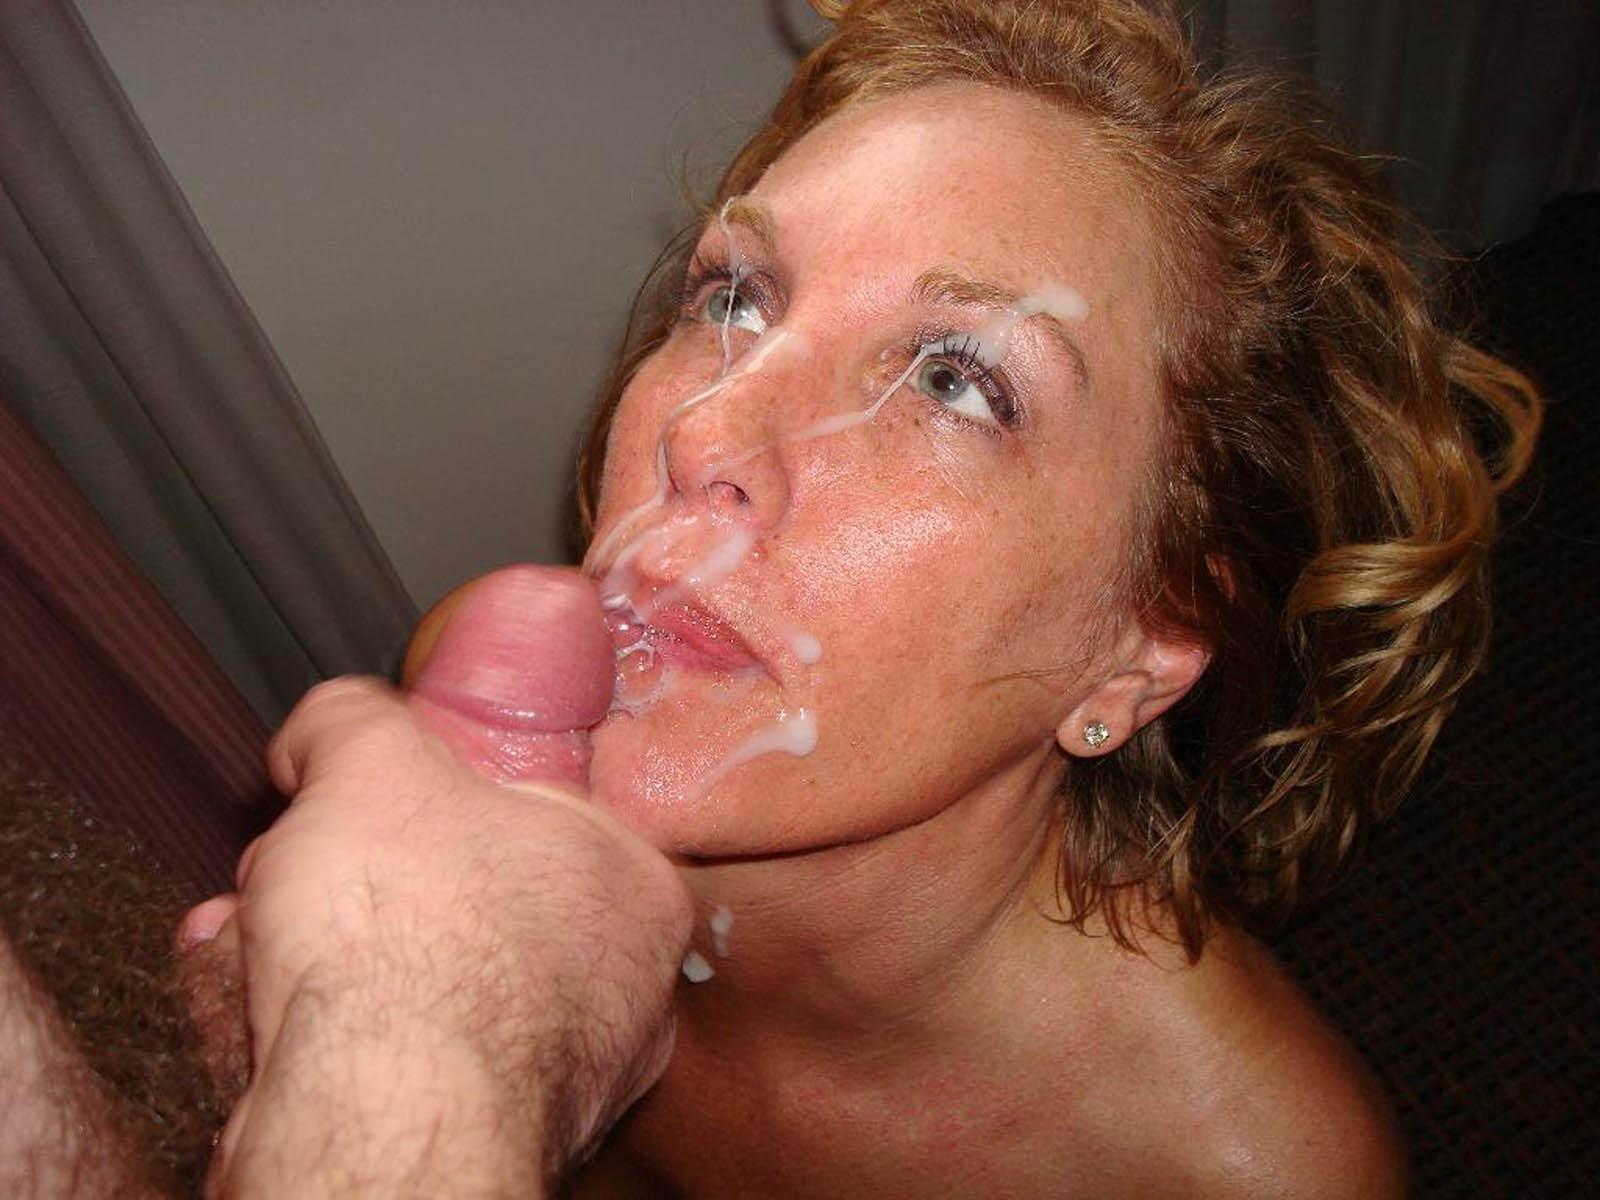 Смотреть только сперма на зрелом лице, Сперма На Лицах Зрелых (найденопорно видео.) 29 фотография